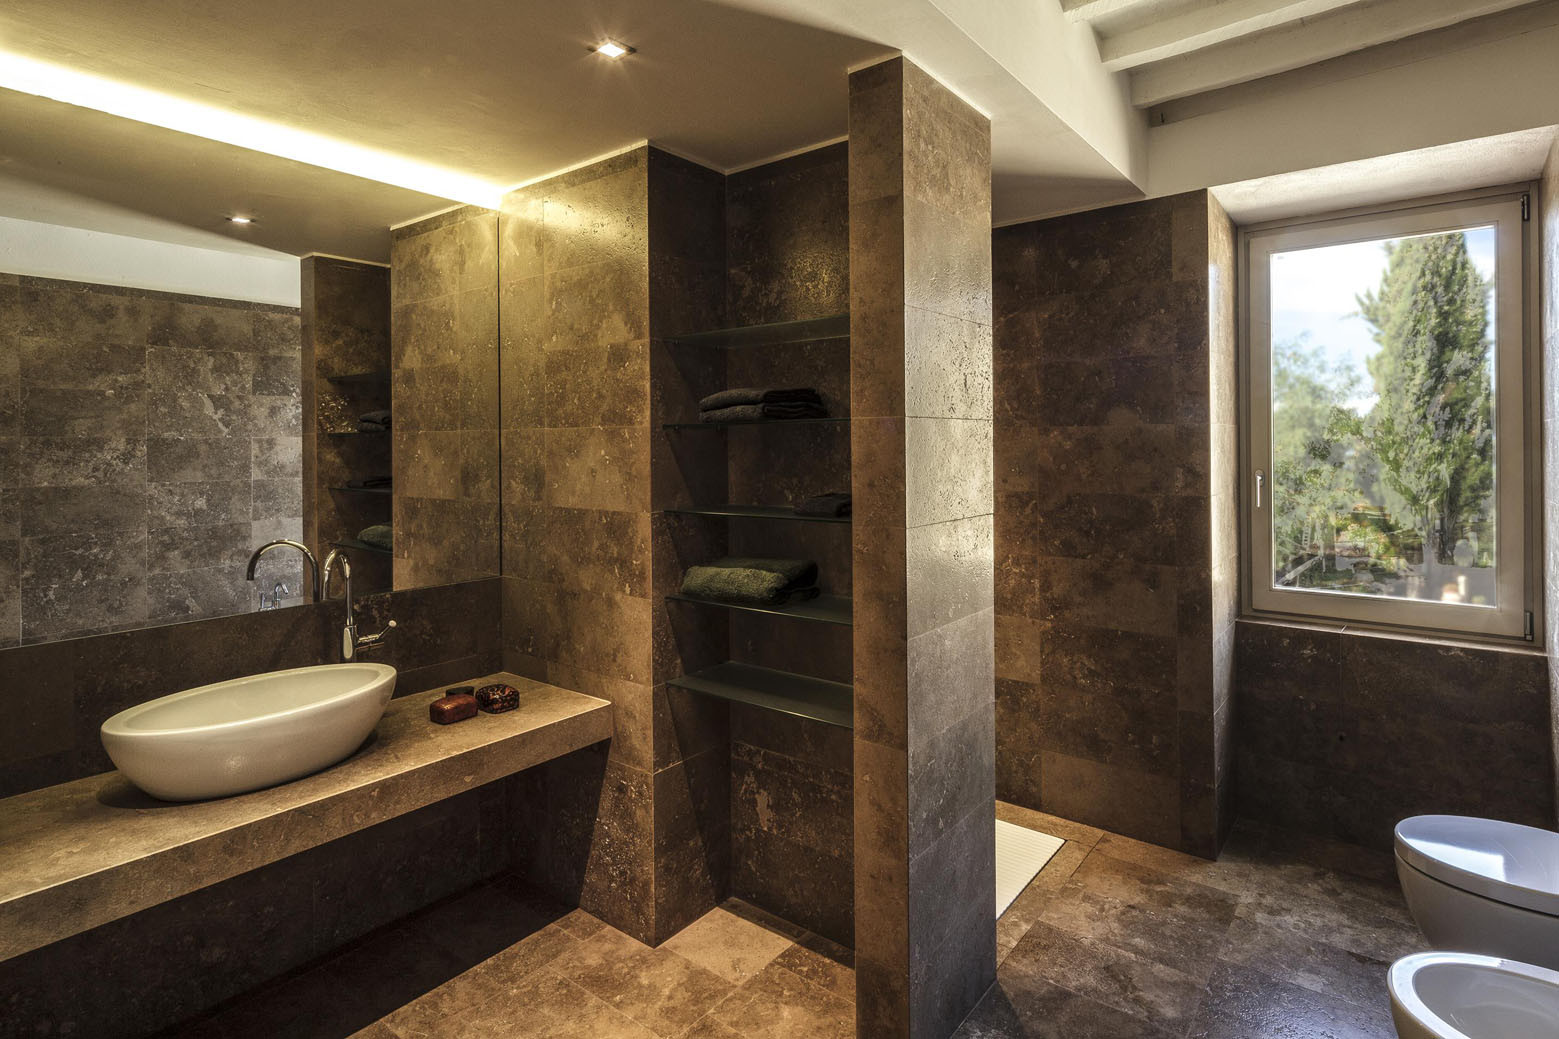 Badezimmer design modern